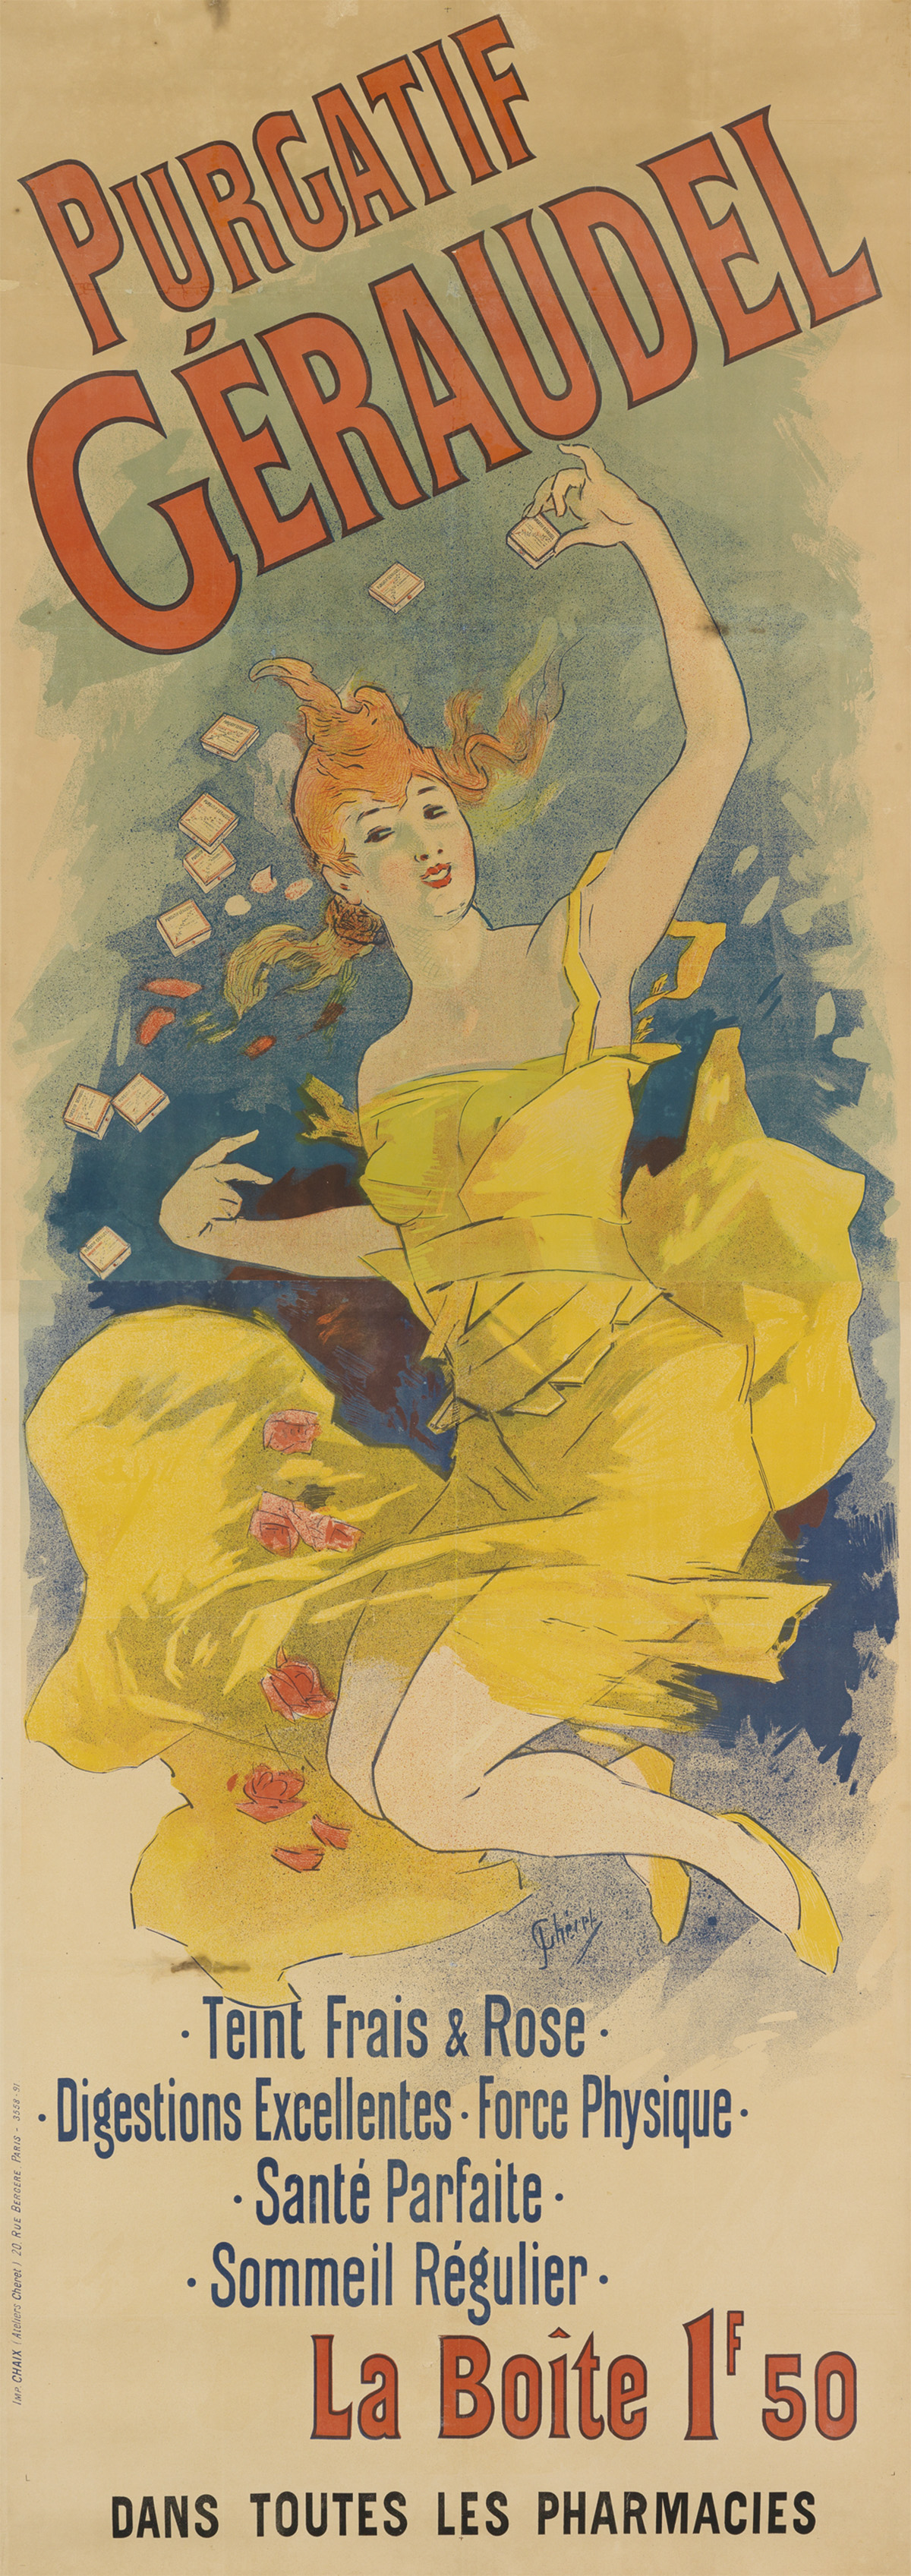 JULES CHÉRET (1836-1932). PURGATIF GÉRAUDEL. 1891. 95x35 inches, 241x89 cm. Chaix, Paris.